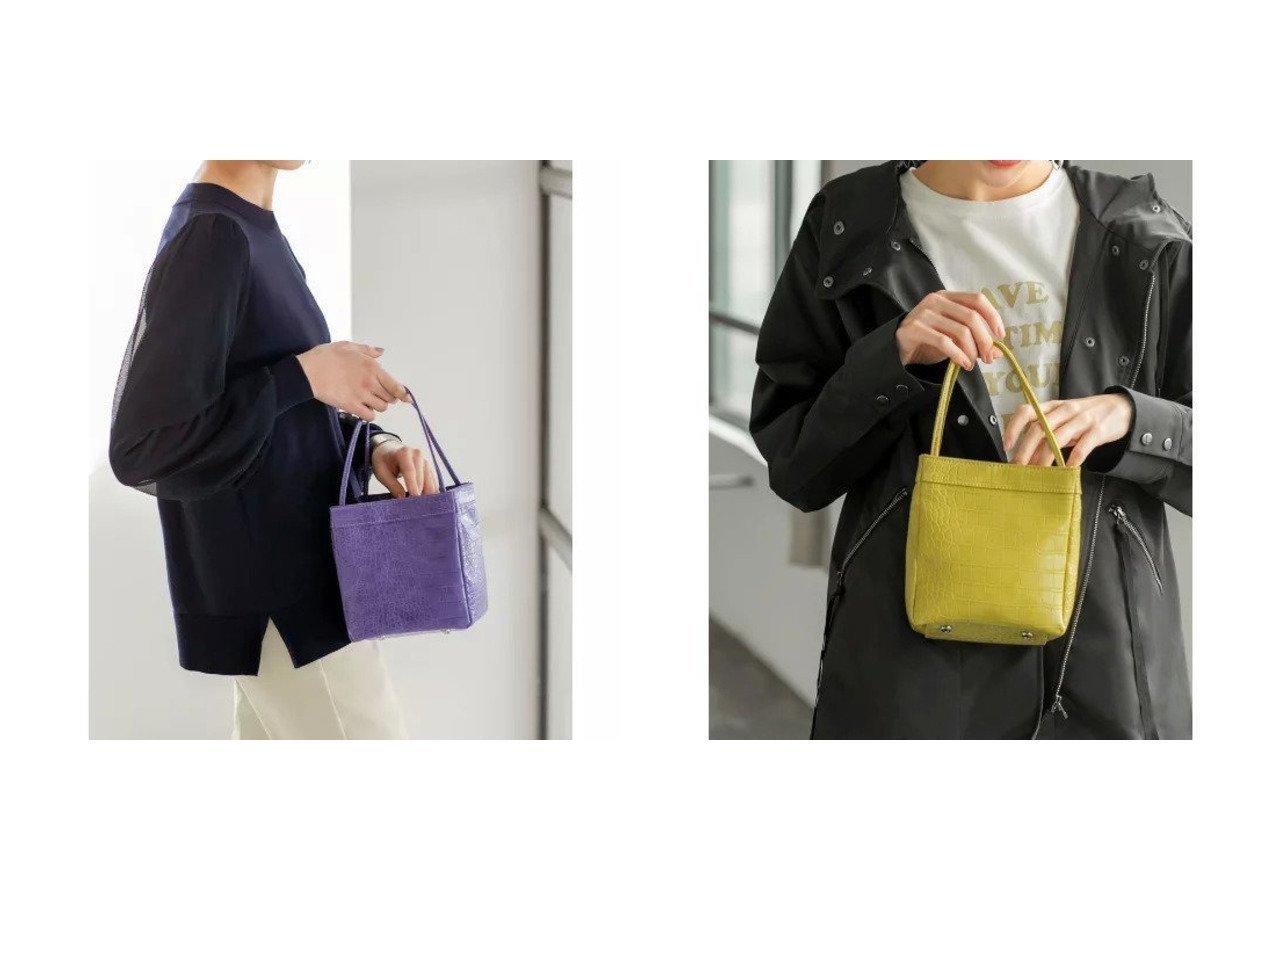 【STYLE DELI/スタイルデリ】のカラー型押しサイコロ型ミニバッグ 【バッグ・鞄】おすすめ!人気、トレンド・レディースファッションの通販 | レディースファッション・服の通販 founy(ファニー)